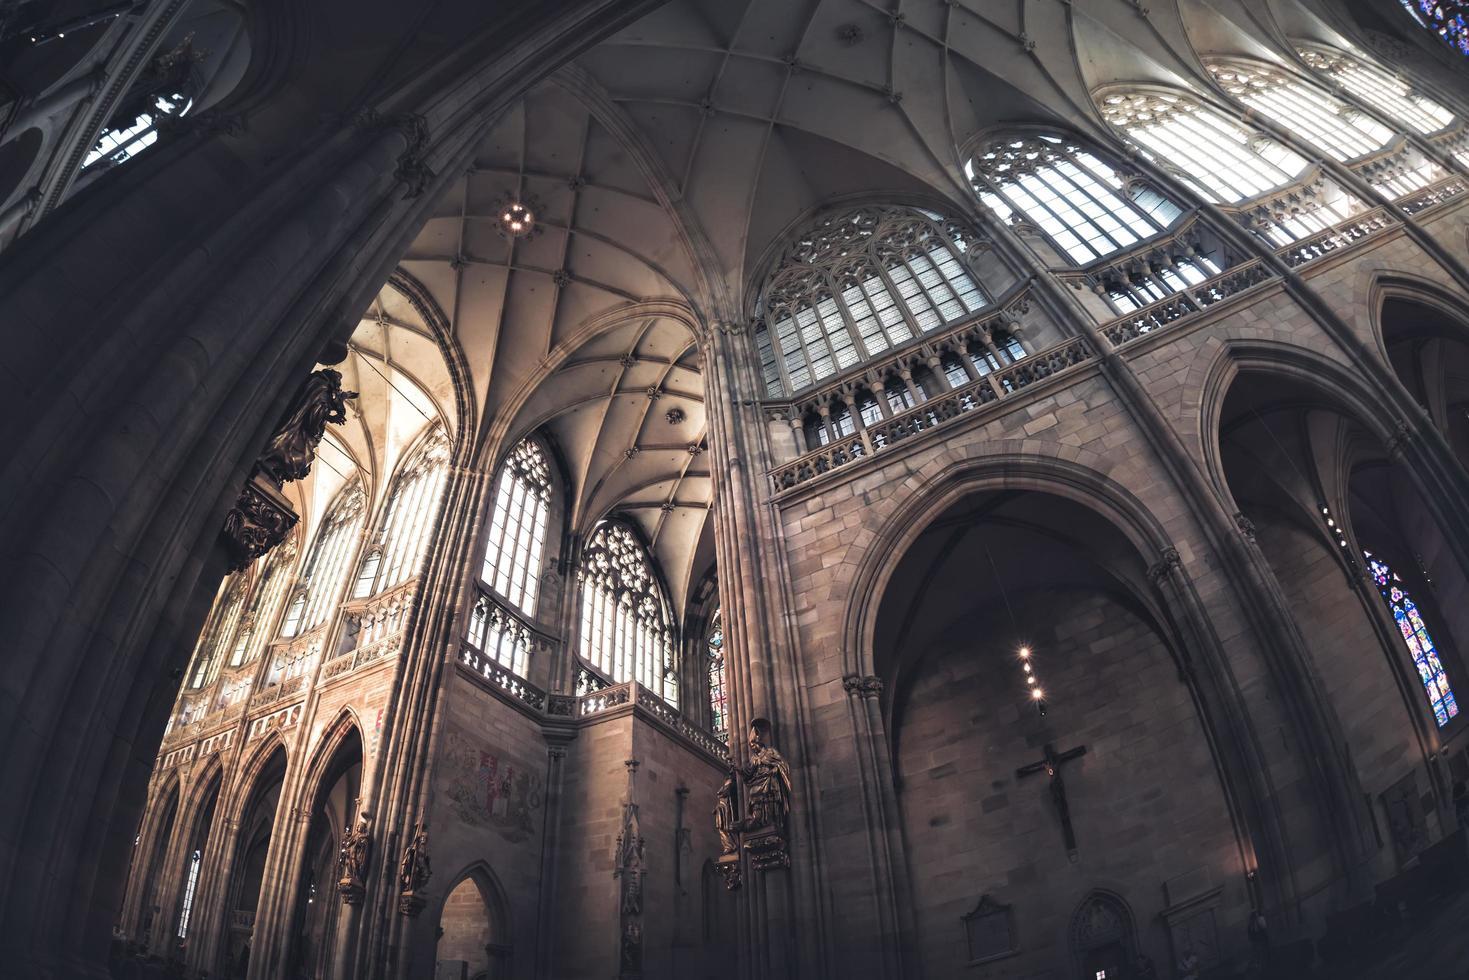 saint vitus kathedraal interieur. Praag, Tsjechië foto